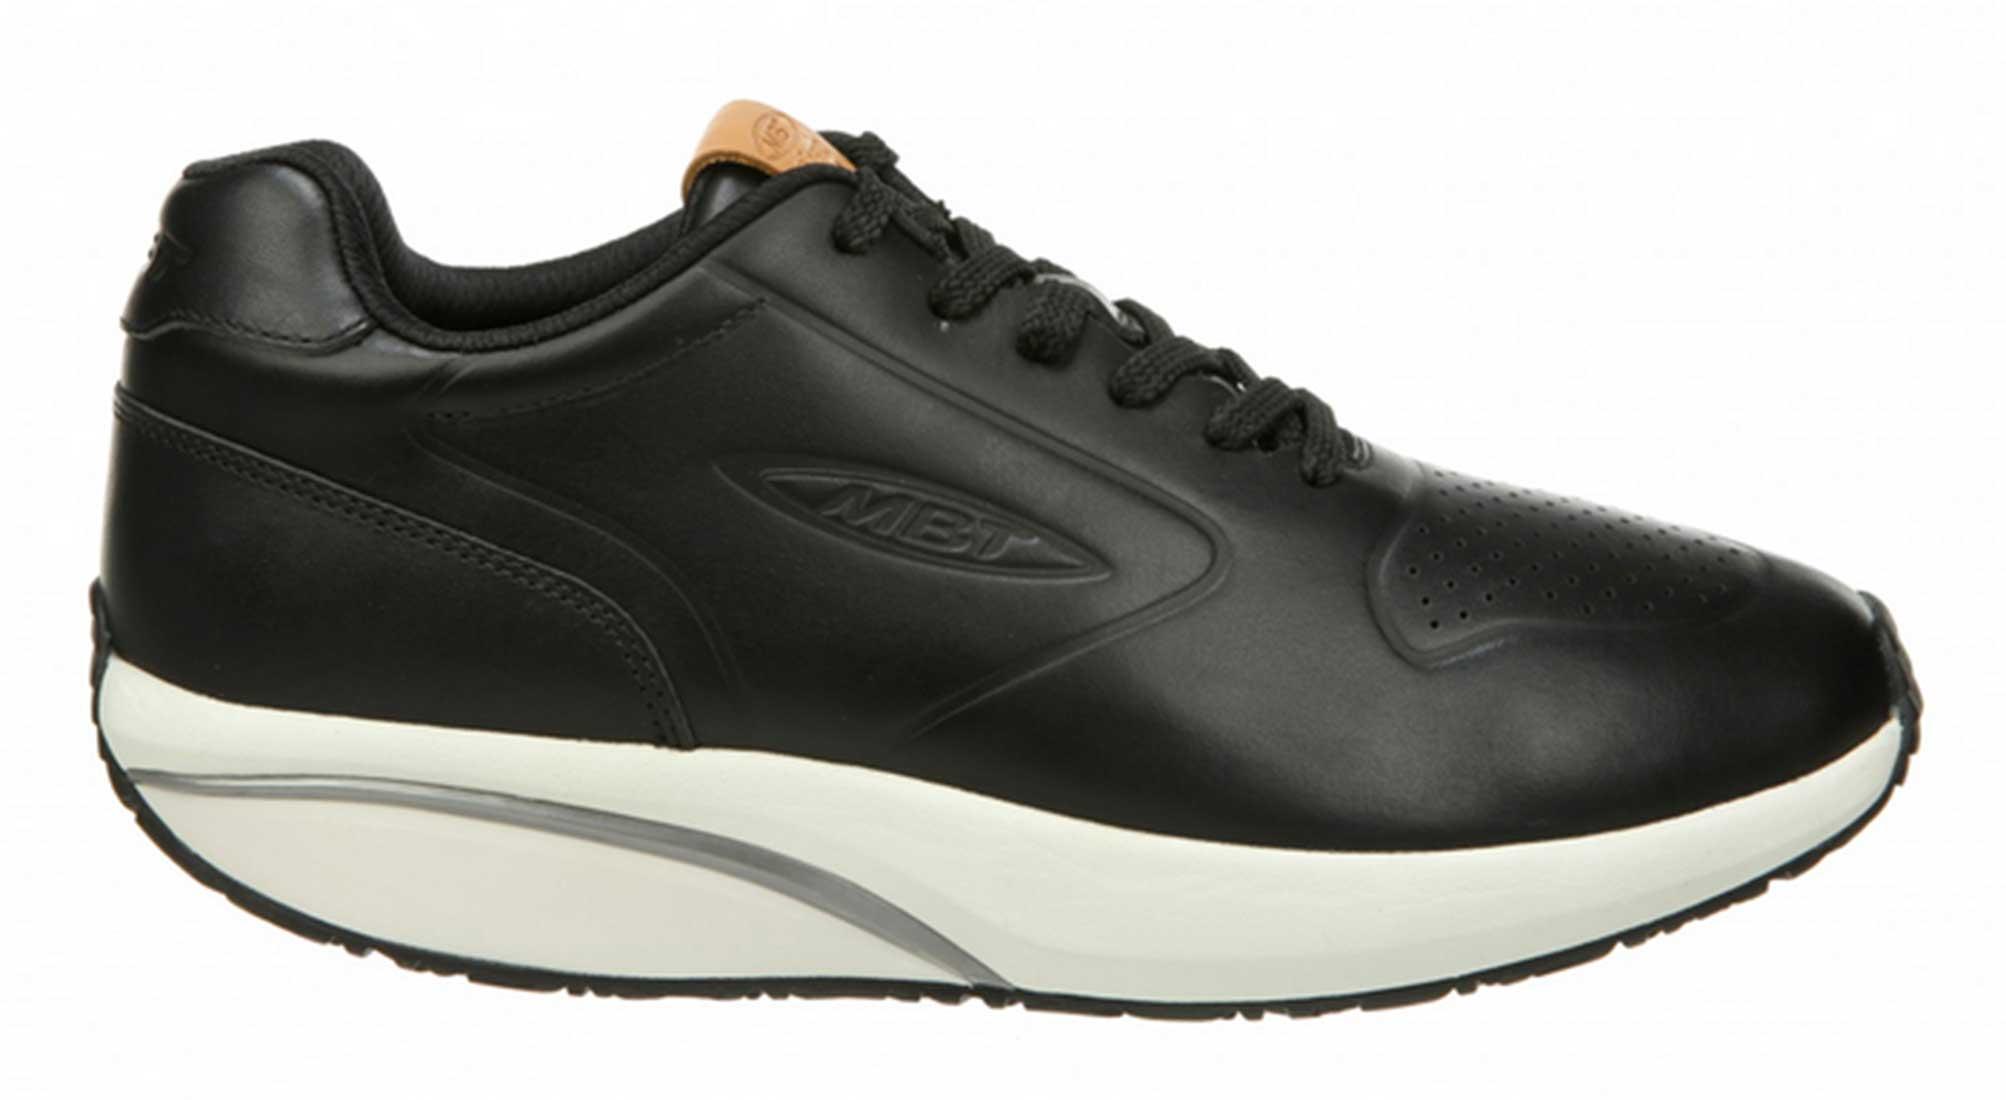 MBT Shoes Women s MBT 1997 Casual Shoes - 700998 - Moderate 6c2b54de99